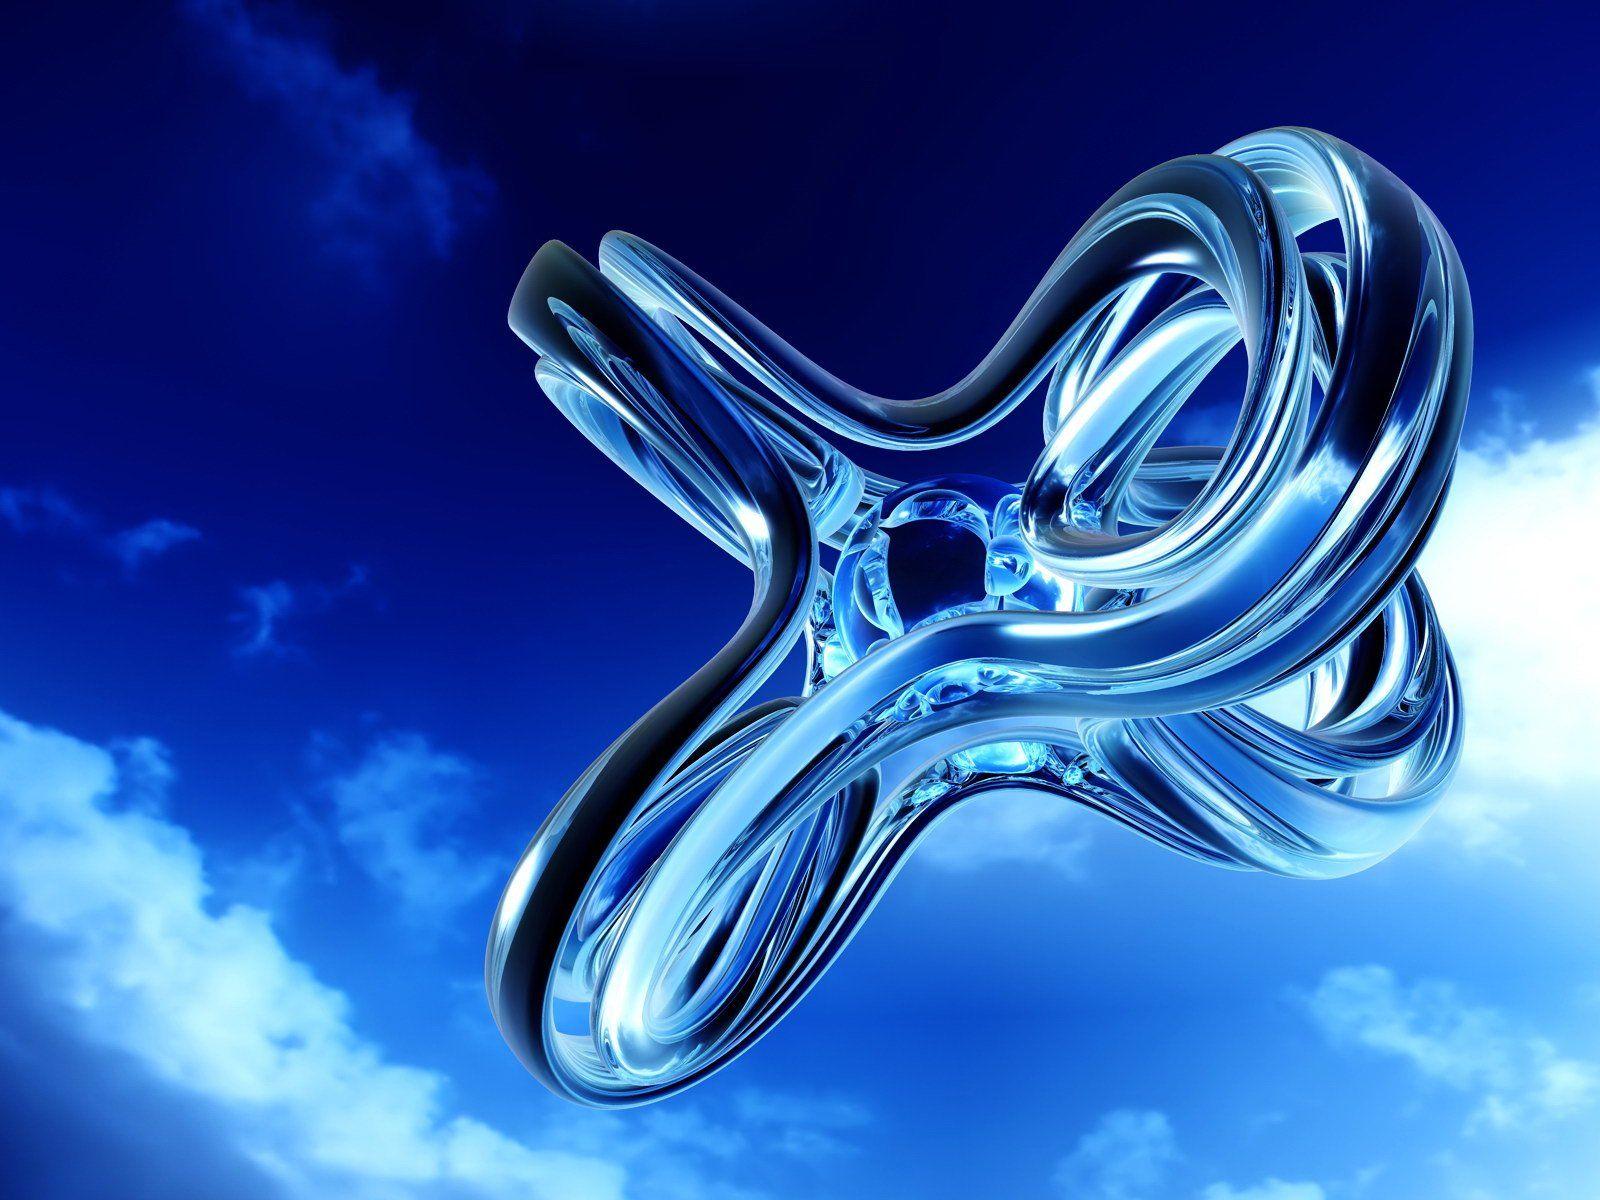 Free 3D Desktop Wallpaper Screensavers Free Blue Knot in